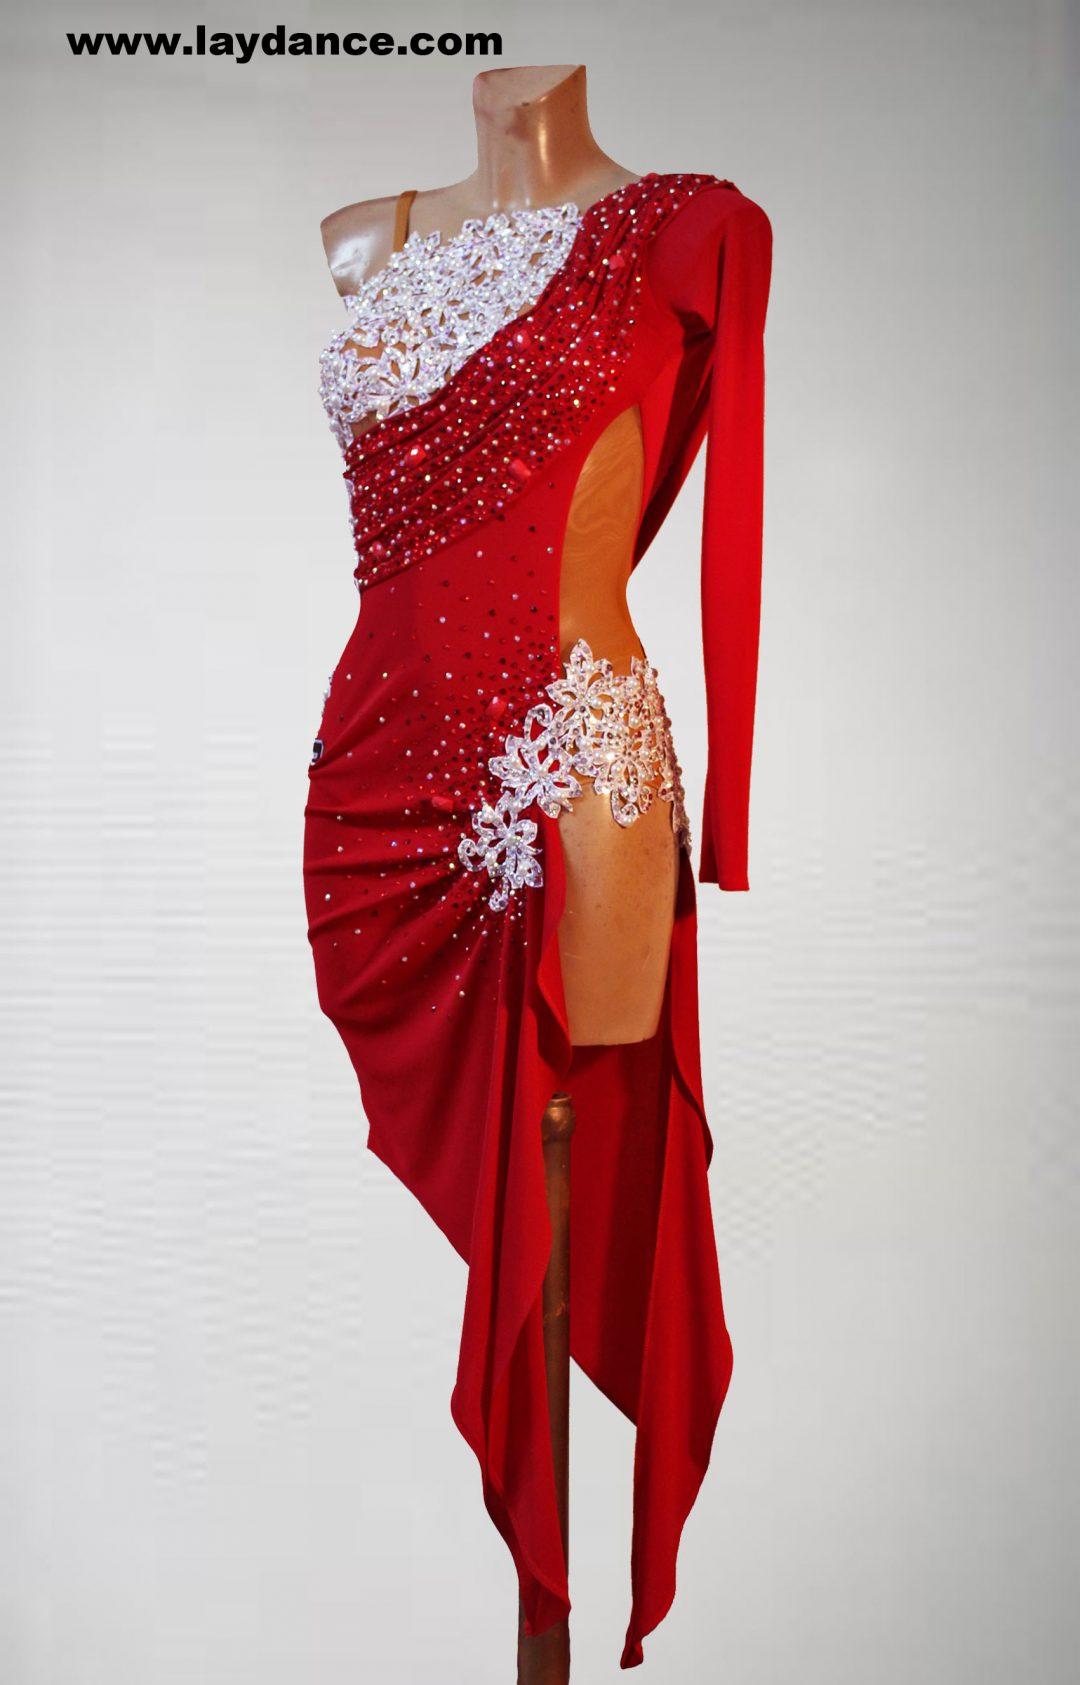 Luxury Red » Laydance